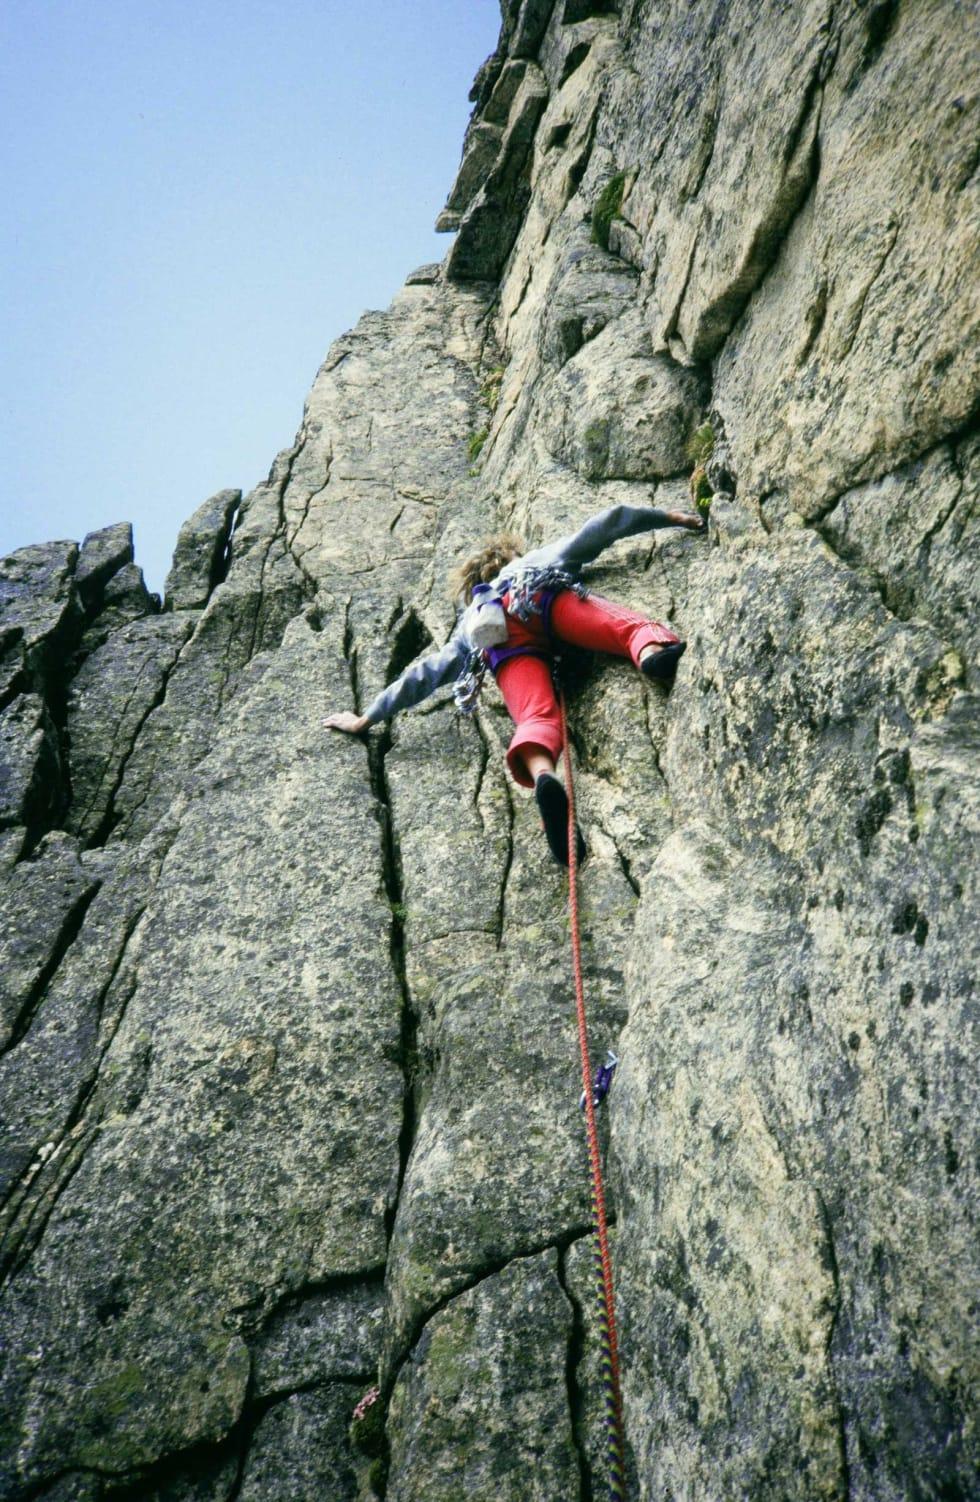 Først opp: Hans Christian Doseth klatrer Sørveggen, Mohns Pinakkel (7-). Foto: Tore Lundberg